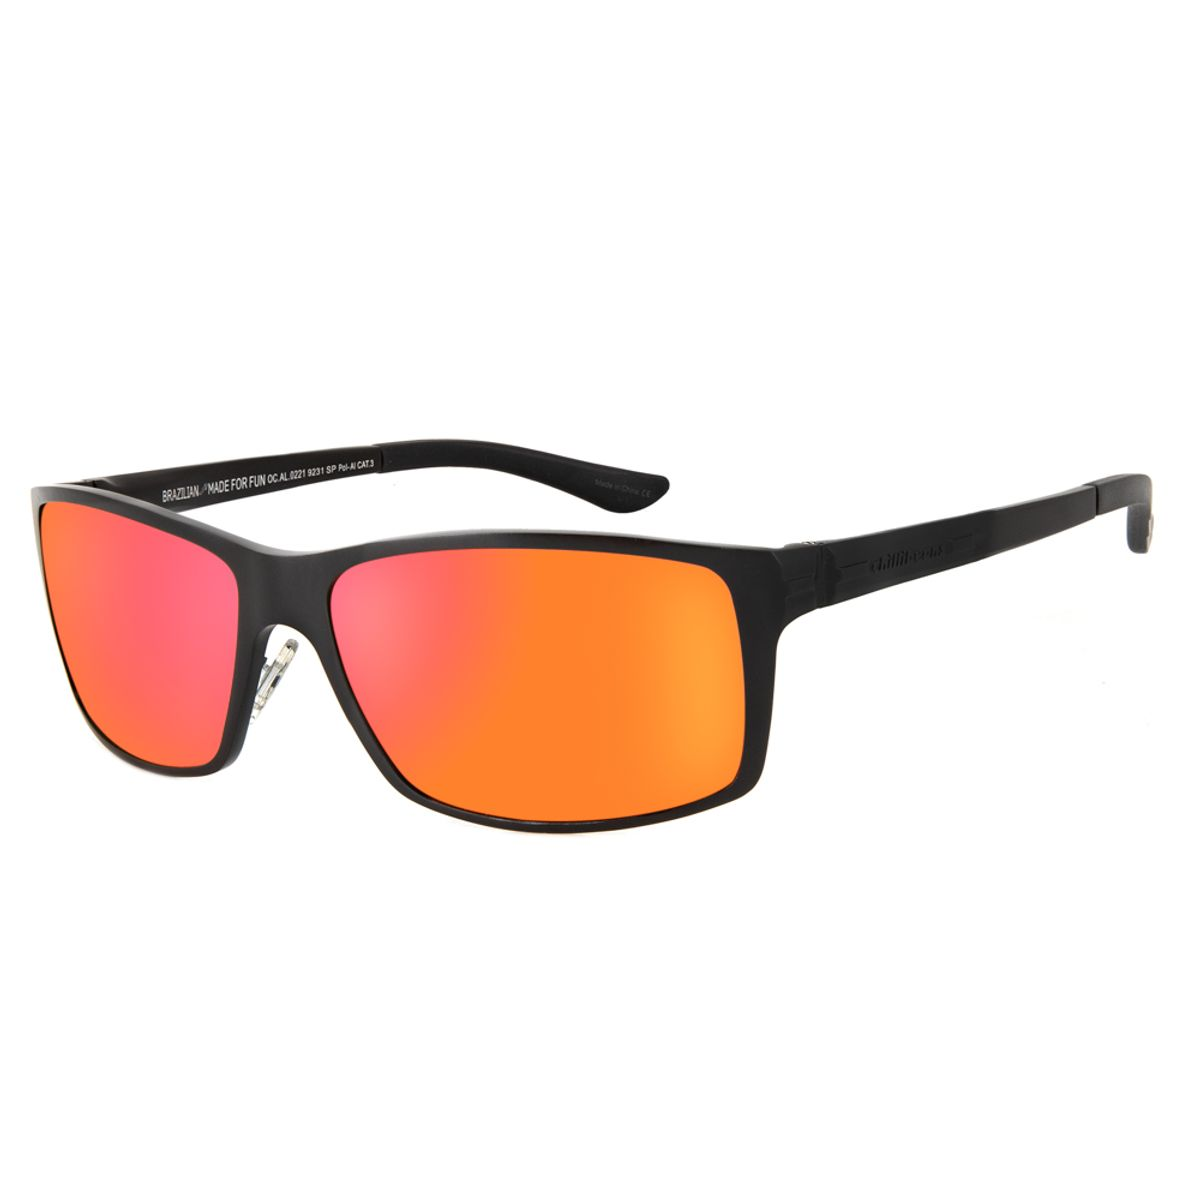 006ecd64b Óculos de Sol Chilli Beans Masculino Esportivo Polarizado Preto Fosco 0221  - OC.AL.0221.9231 M. REF: OC.AL.0221.9231. OC.